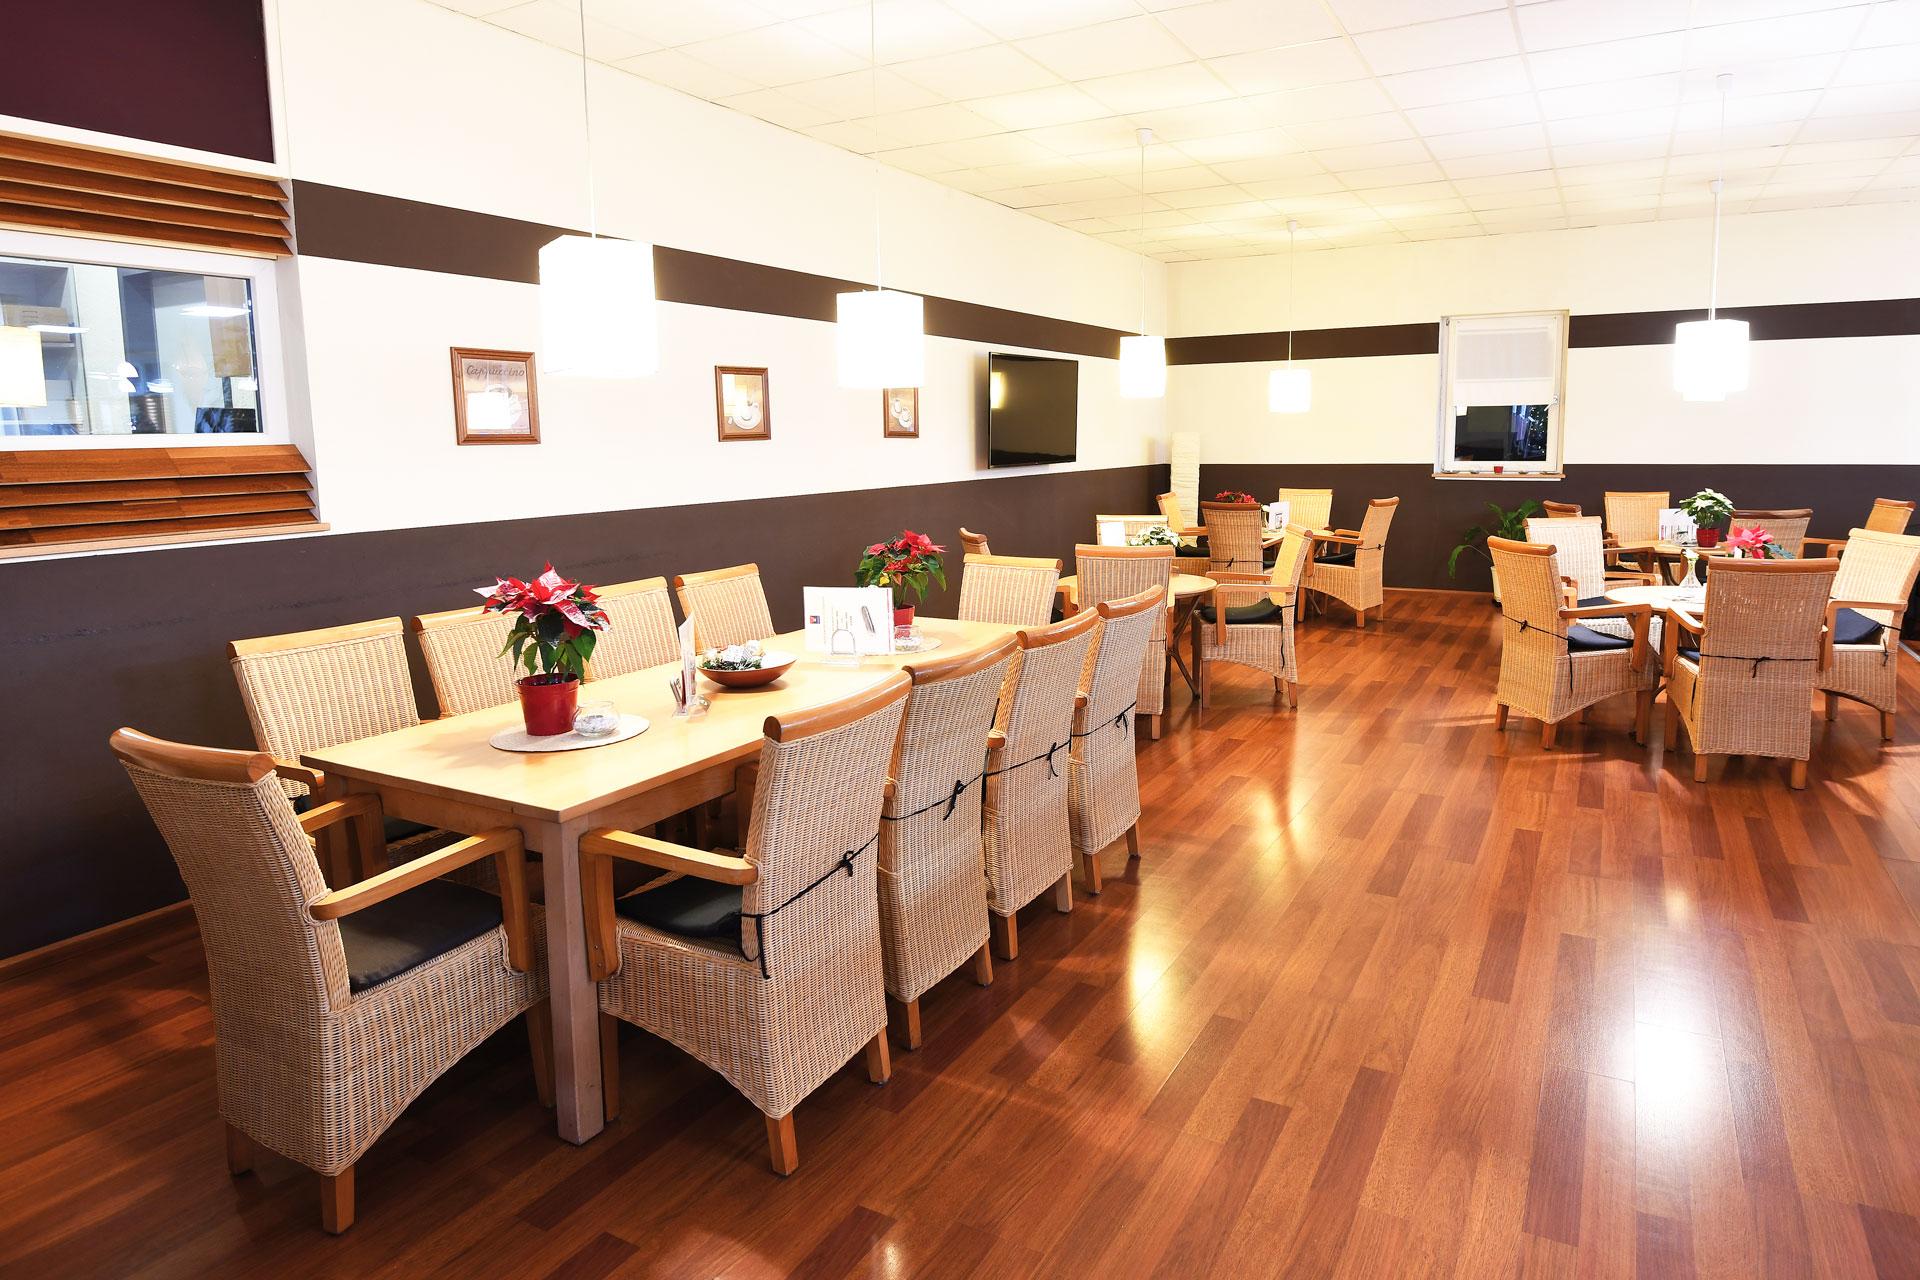 restaurant-sportpark-lahr-1920x1280px